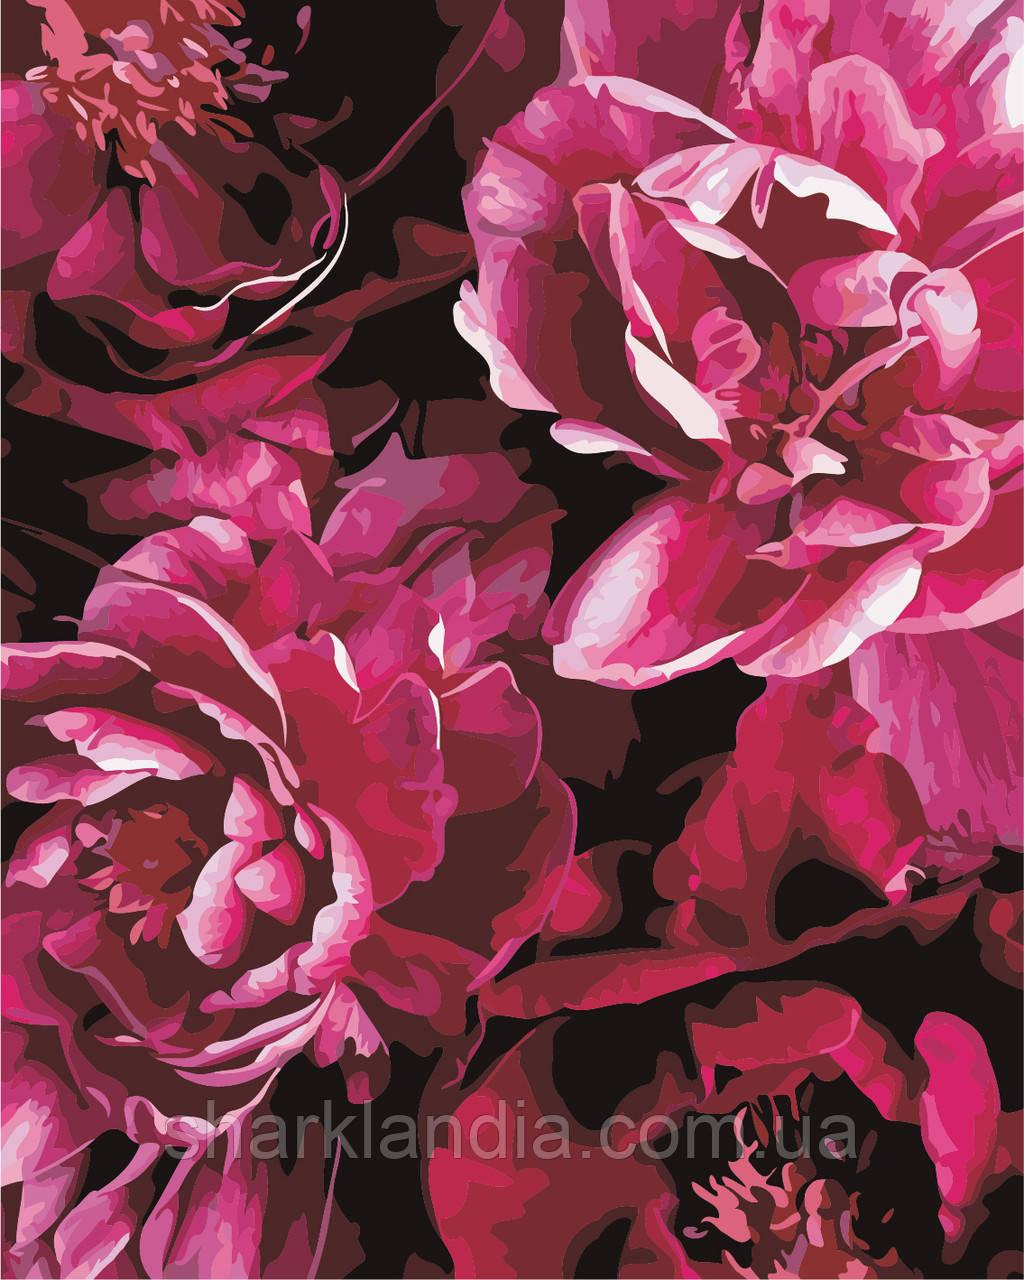 """Картина по номерам """"Роскошные цветы"""" 40*50см"""